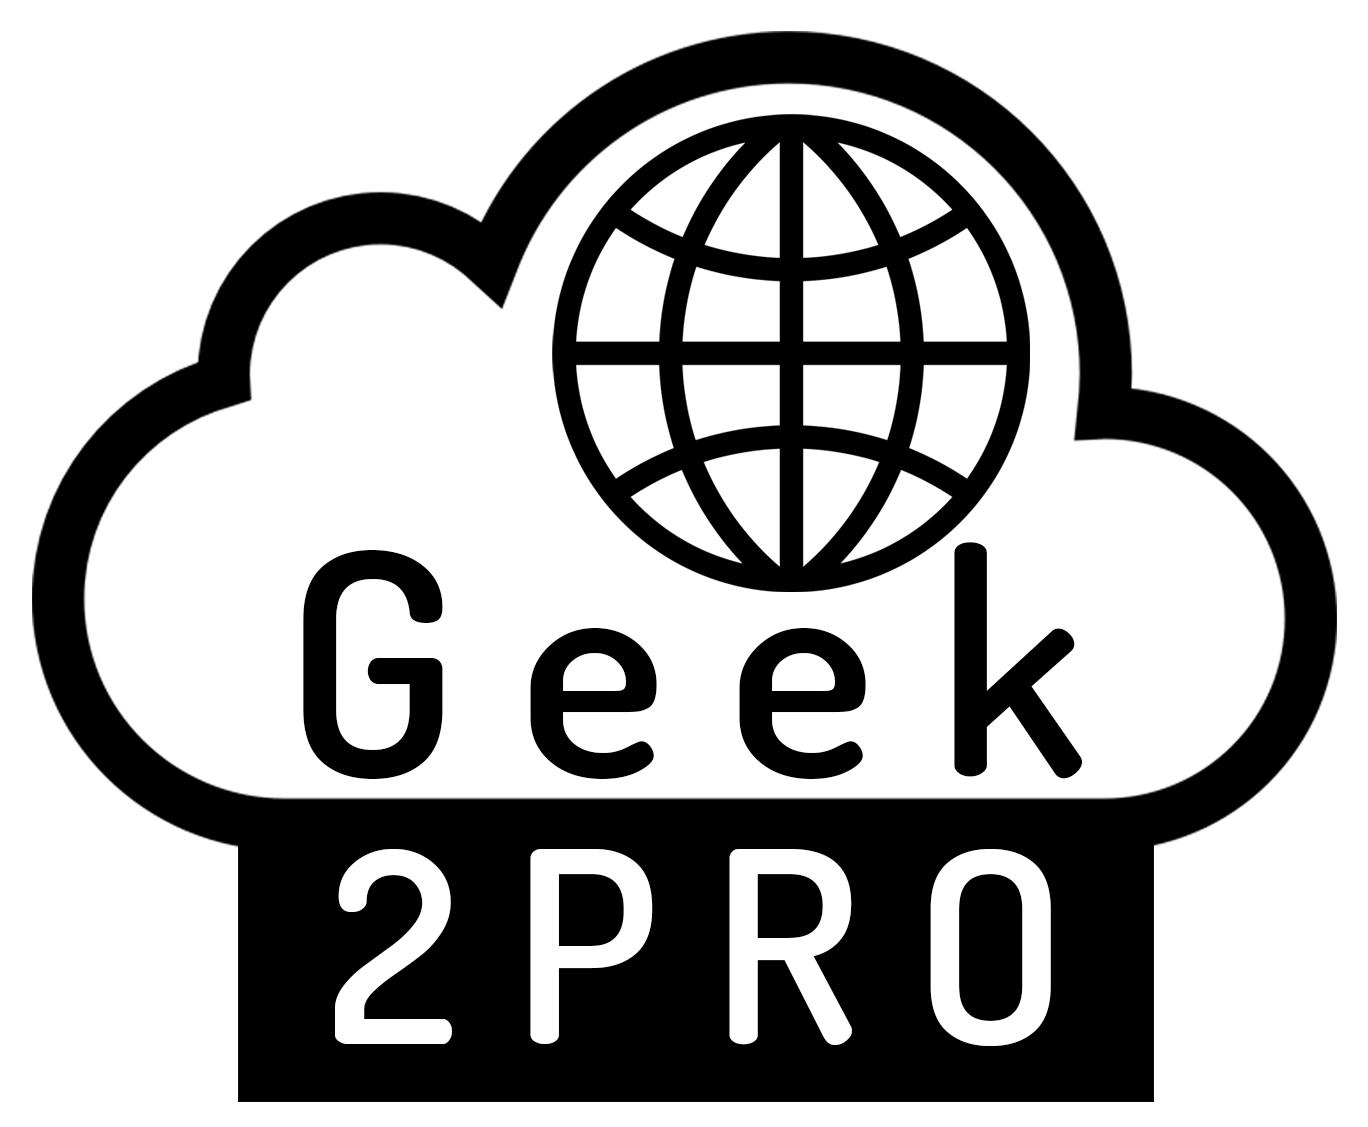 GEEK2PRO